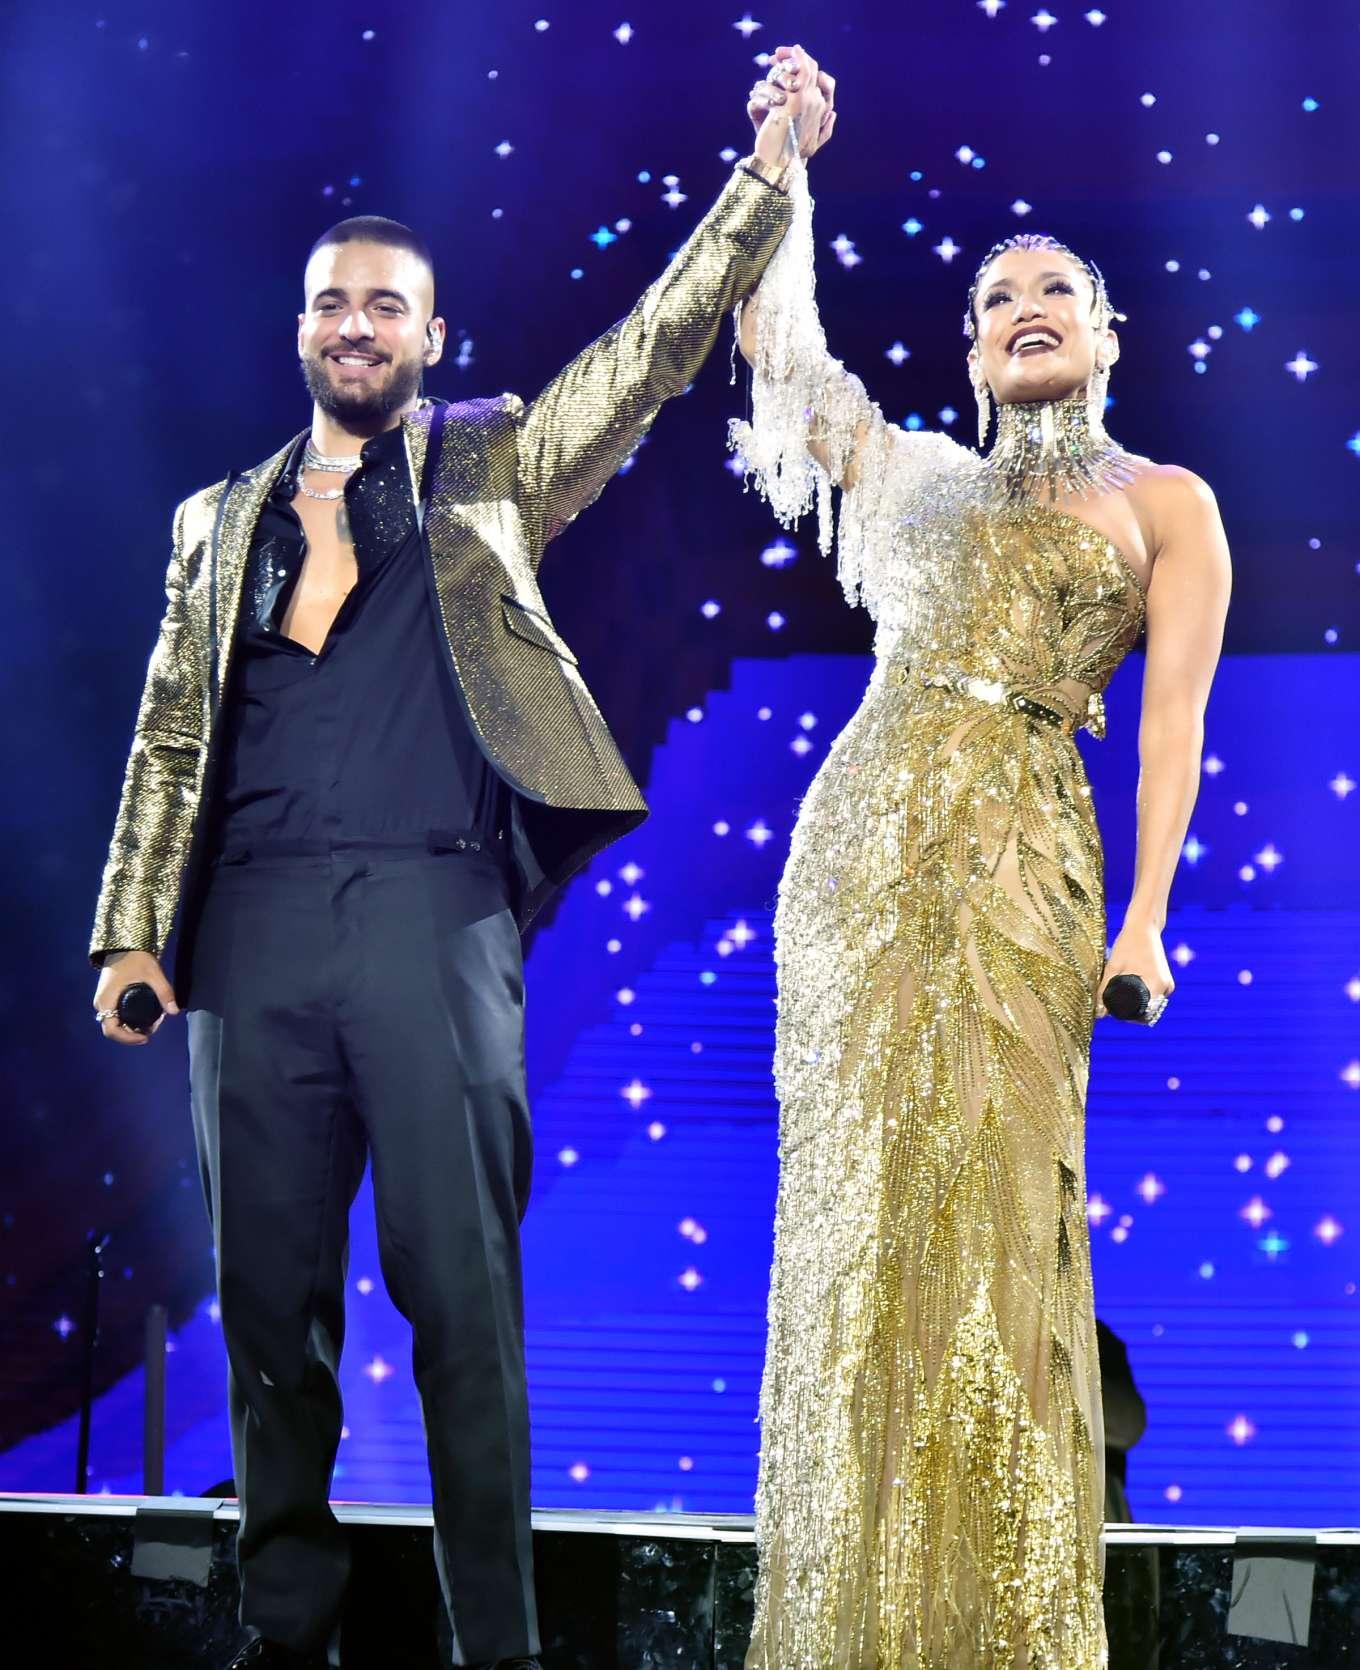 Jennifer Lopez 2019 : Jennifer Lopez joins Maluma onstage at Madison Square Garden-06